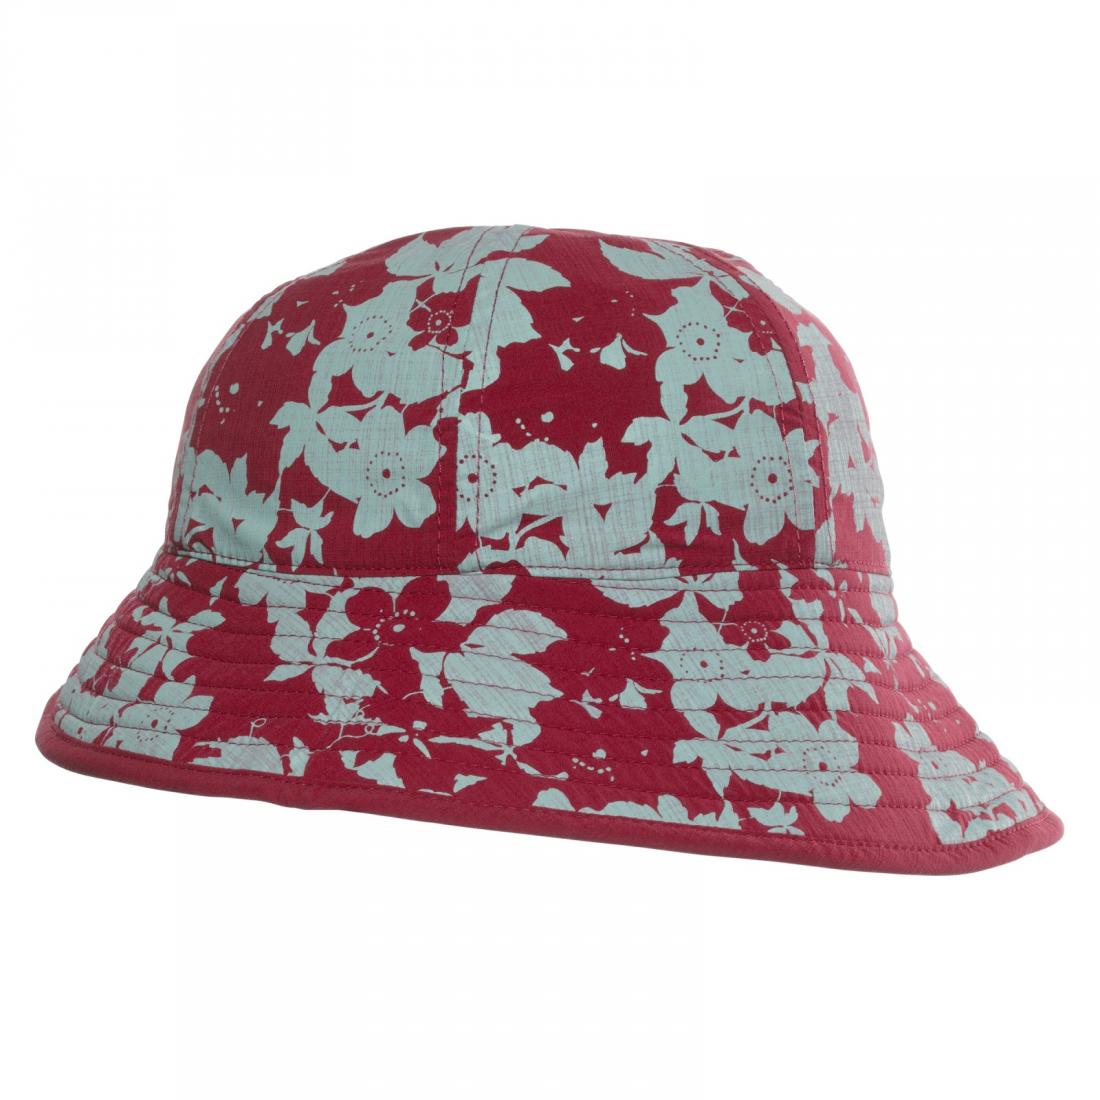 Панама Chaos  Summit Beach Hat (женс)Панамы<br><br> Элегантная женская панама Summit Beach Hat — это отличный пляжный вариант от Chaos. В ней можно не беспокоиться о том, что жаркое солнце напечет г...<br><br>Цвет: Красный<br>Размер: S/M